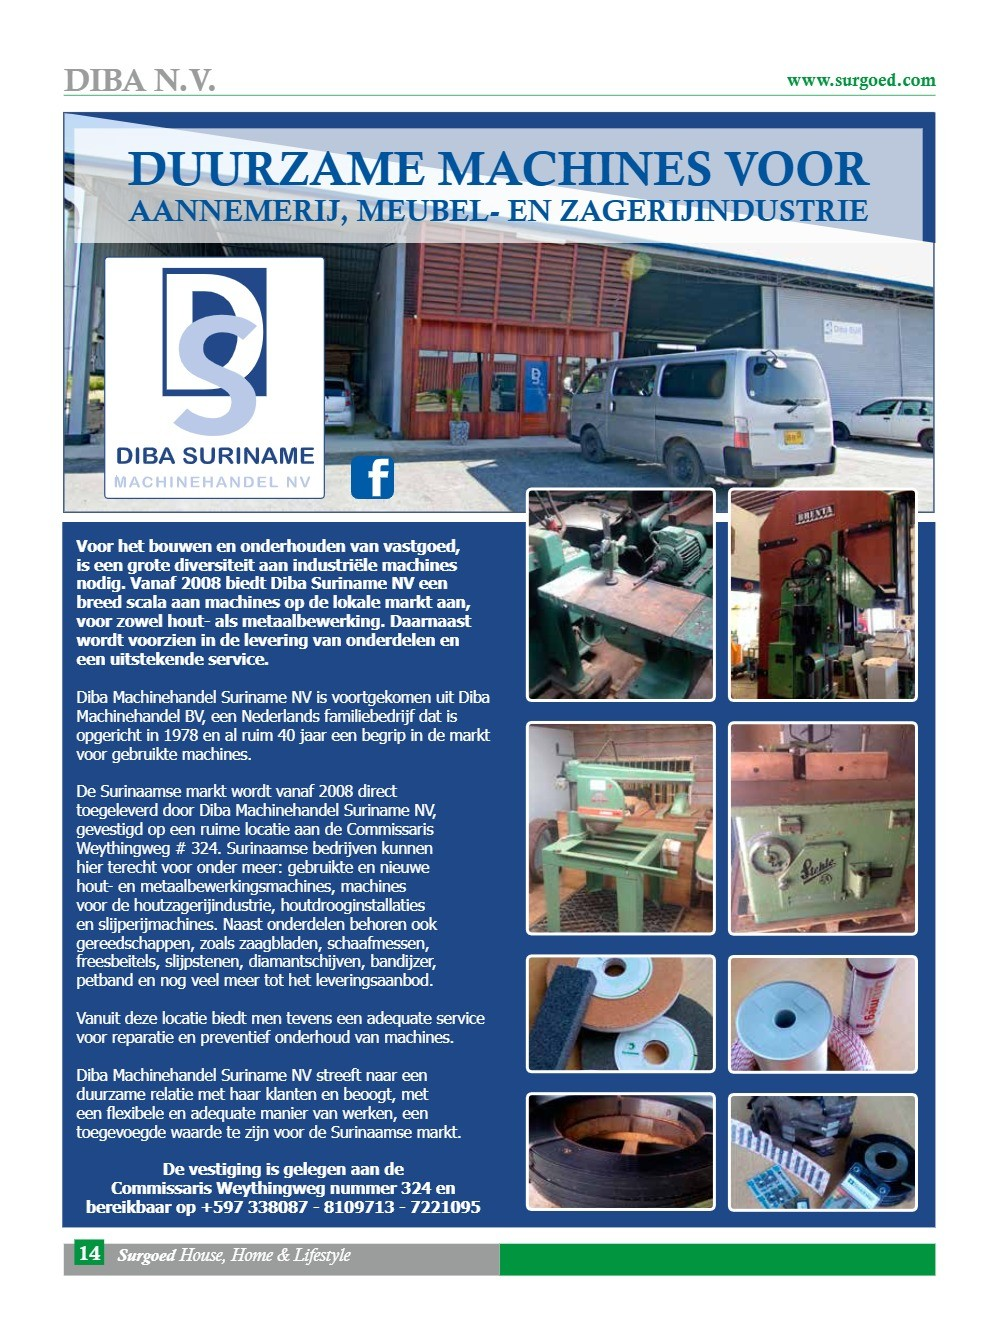 Duurzame machines voor aannemerij, meubel- en zagerij industrie